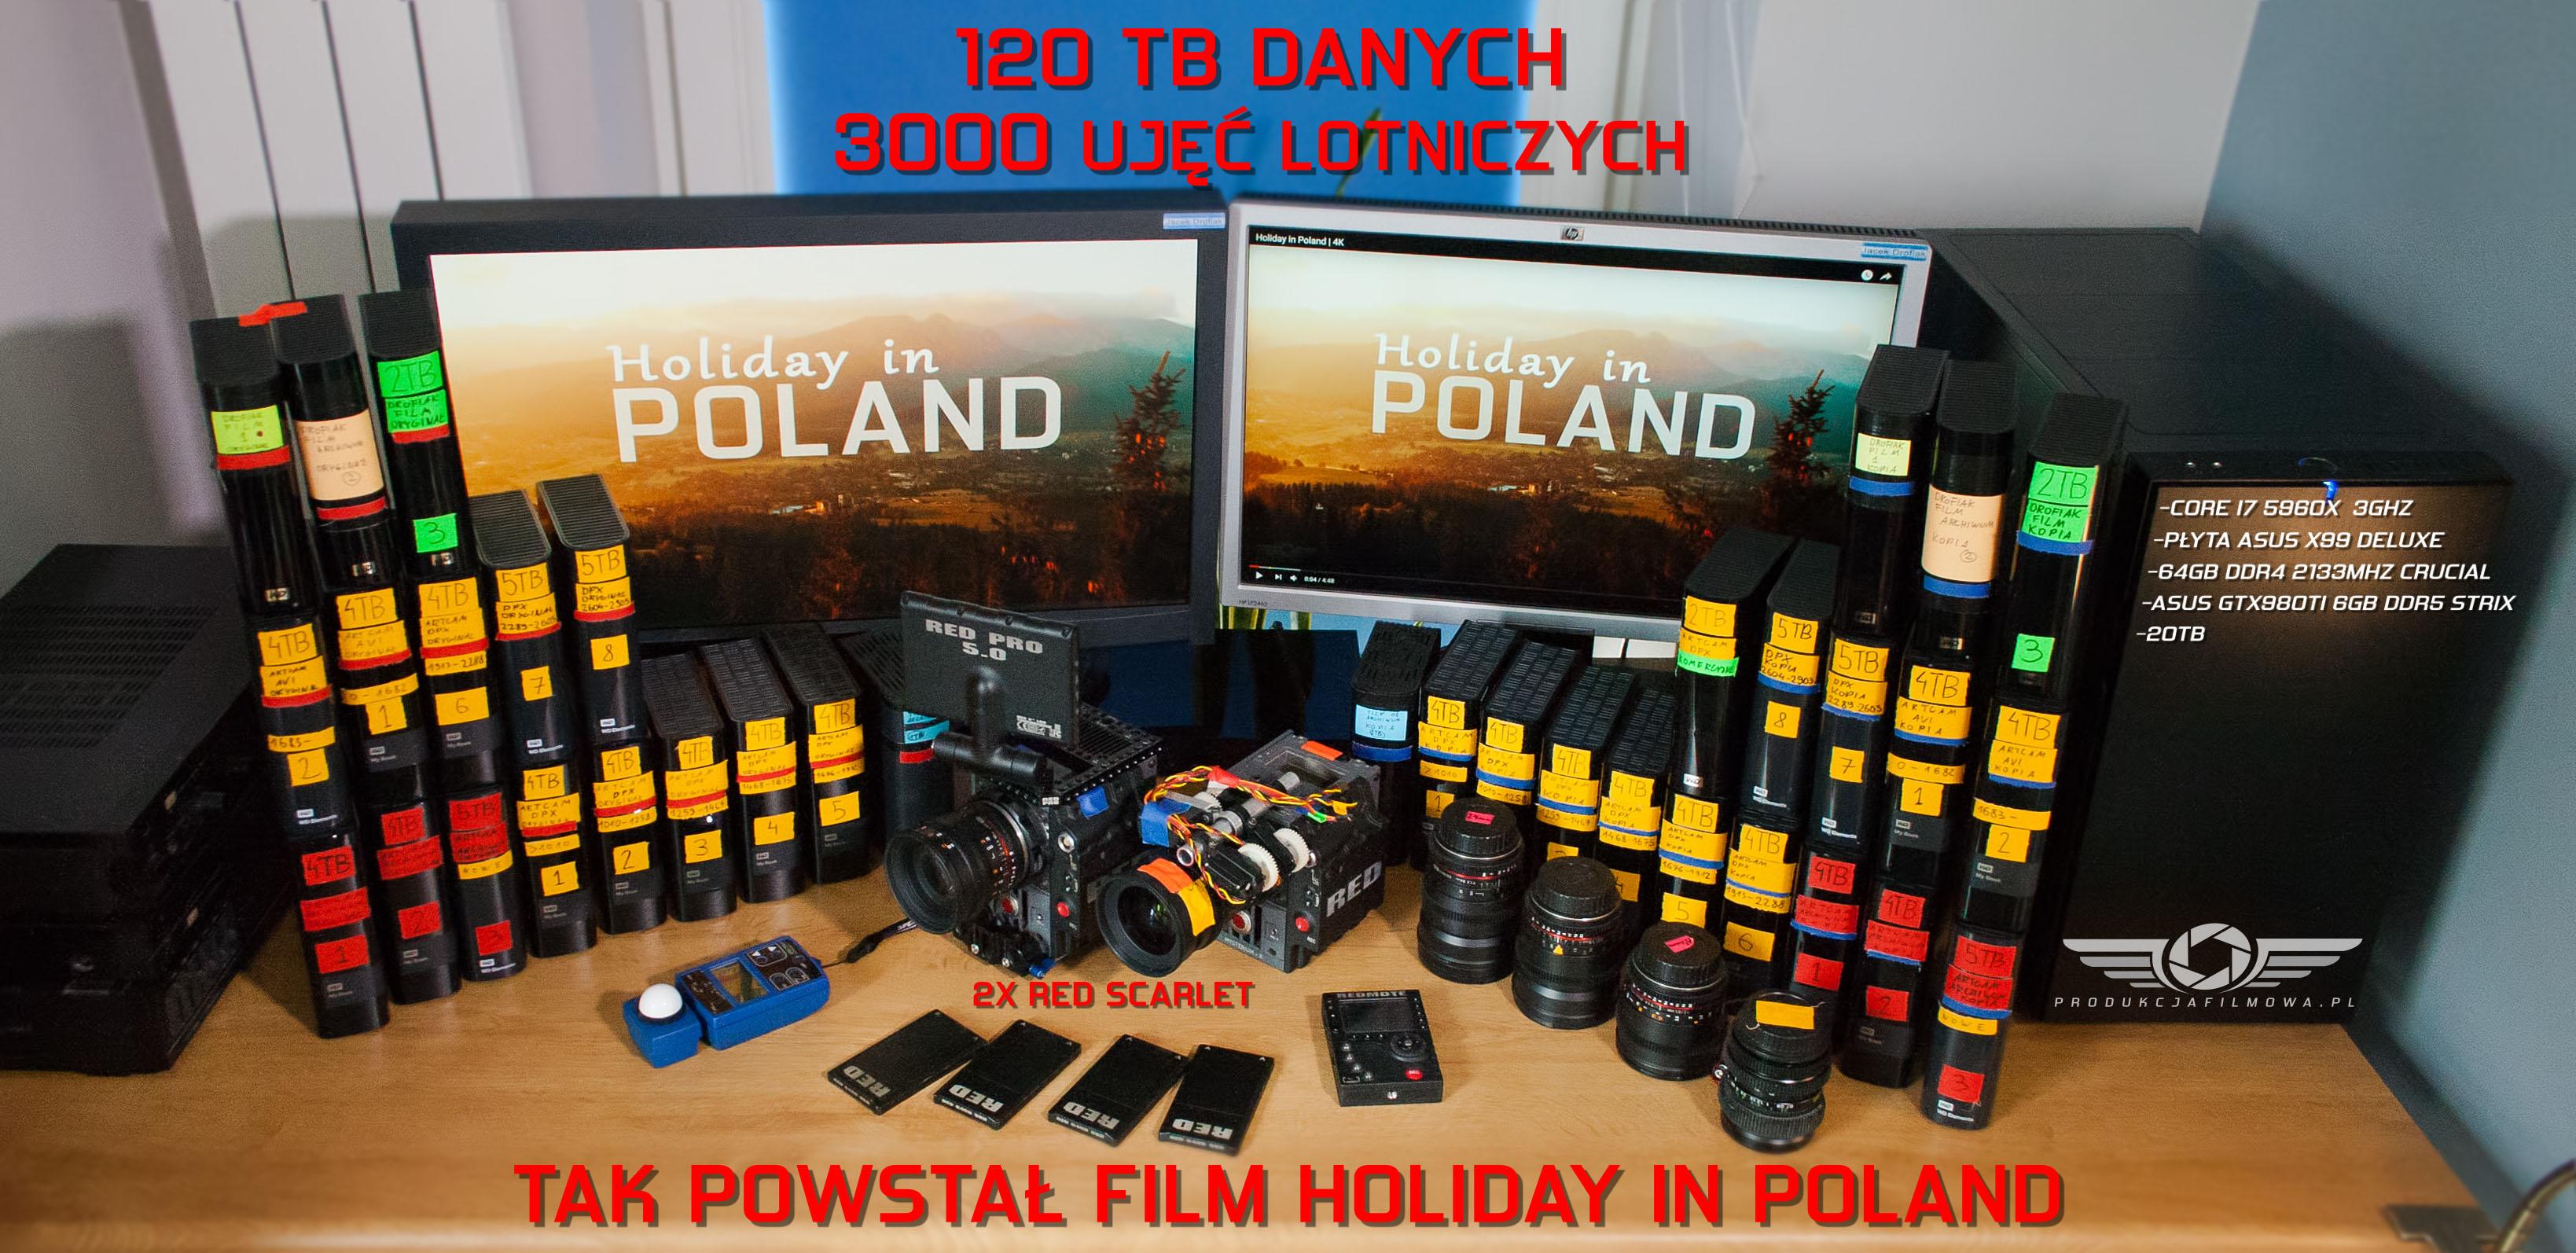 Nakręcili przepiękny film ukazujący Polskę od morza aż po Tatry. Każda sekunda wzbudza zachwyt